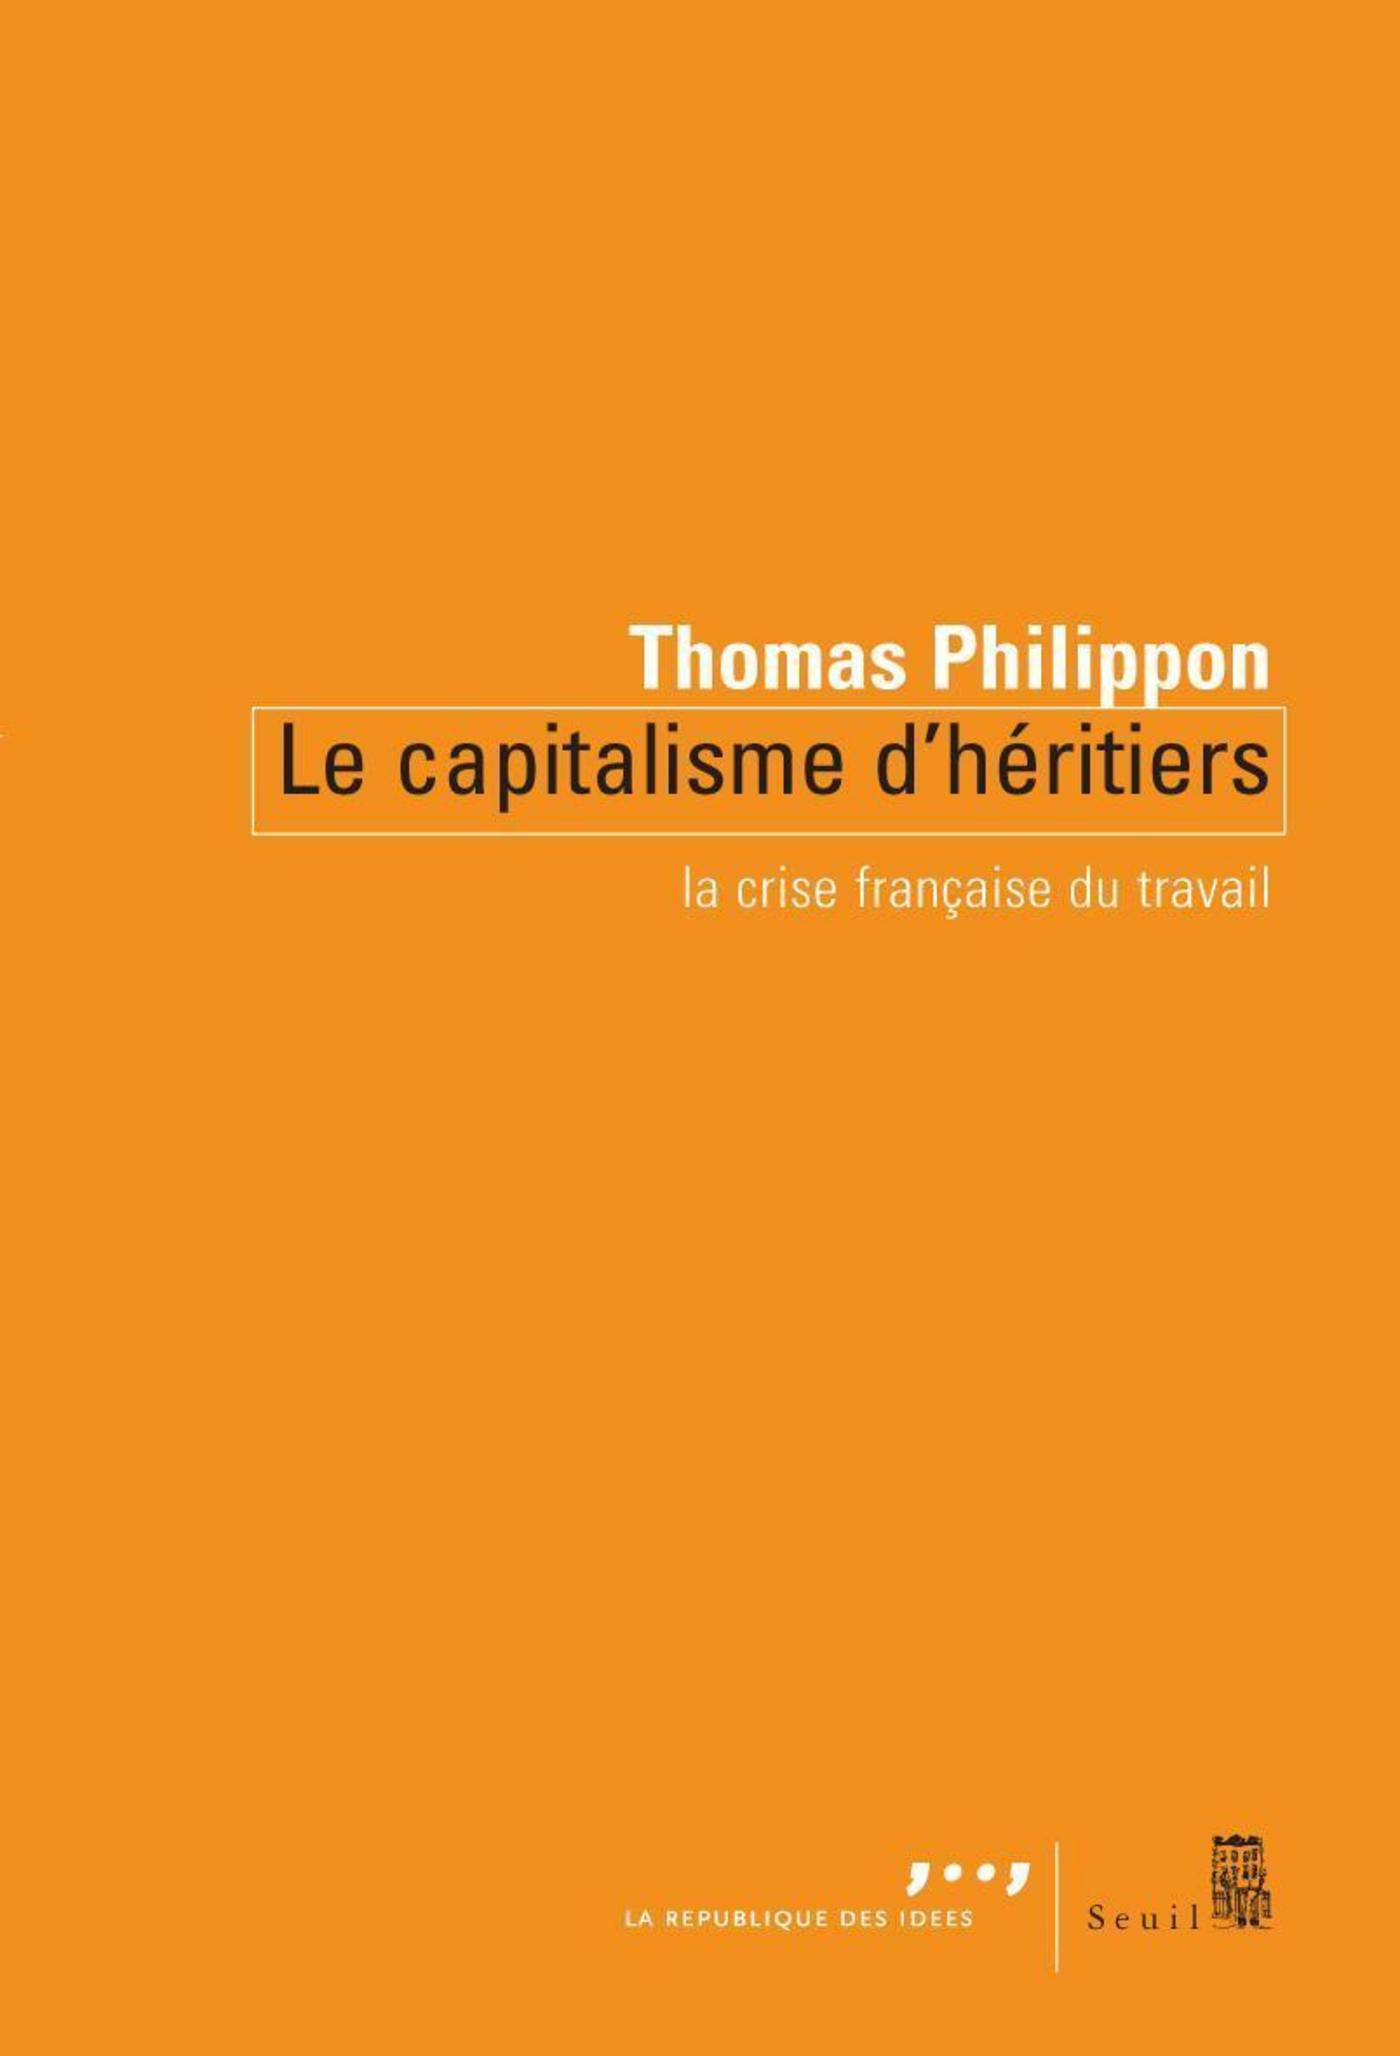 Le capitalisme d'héritiers - La crise française du travail